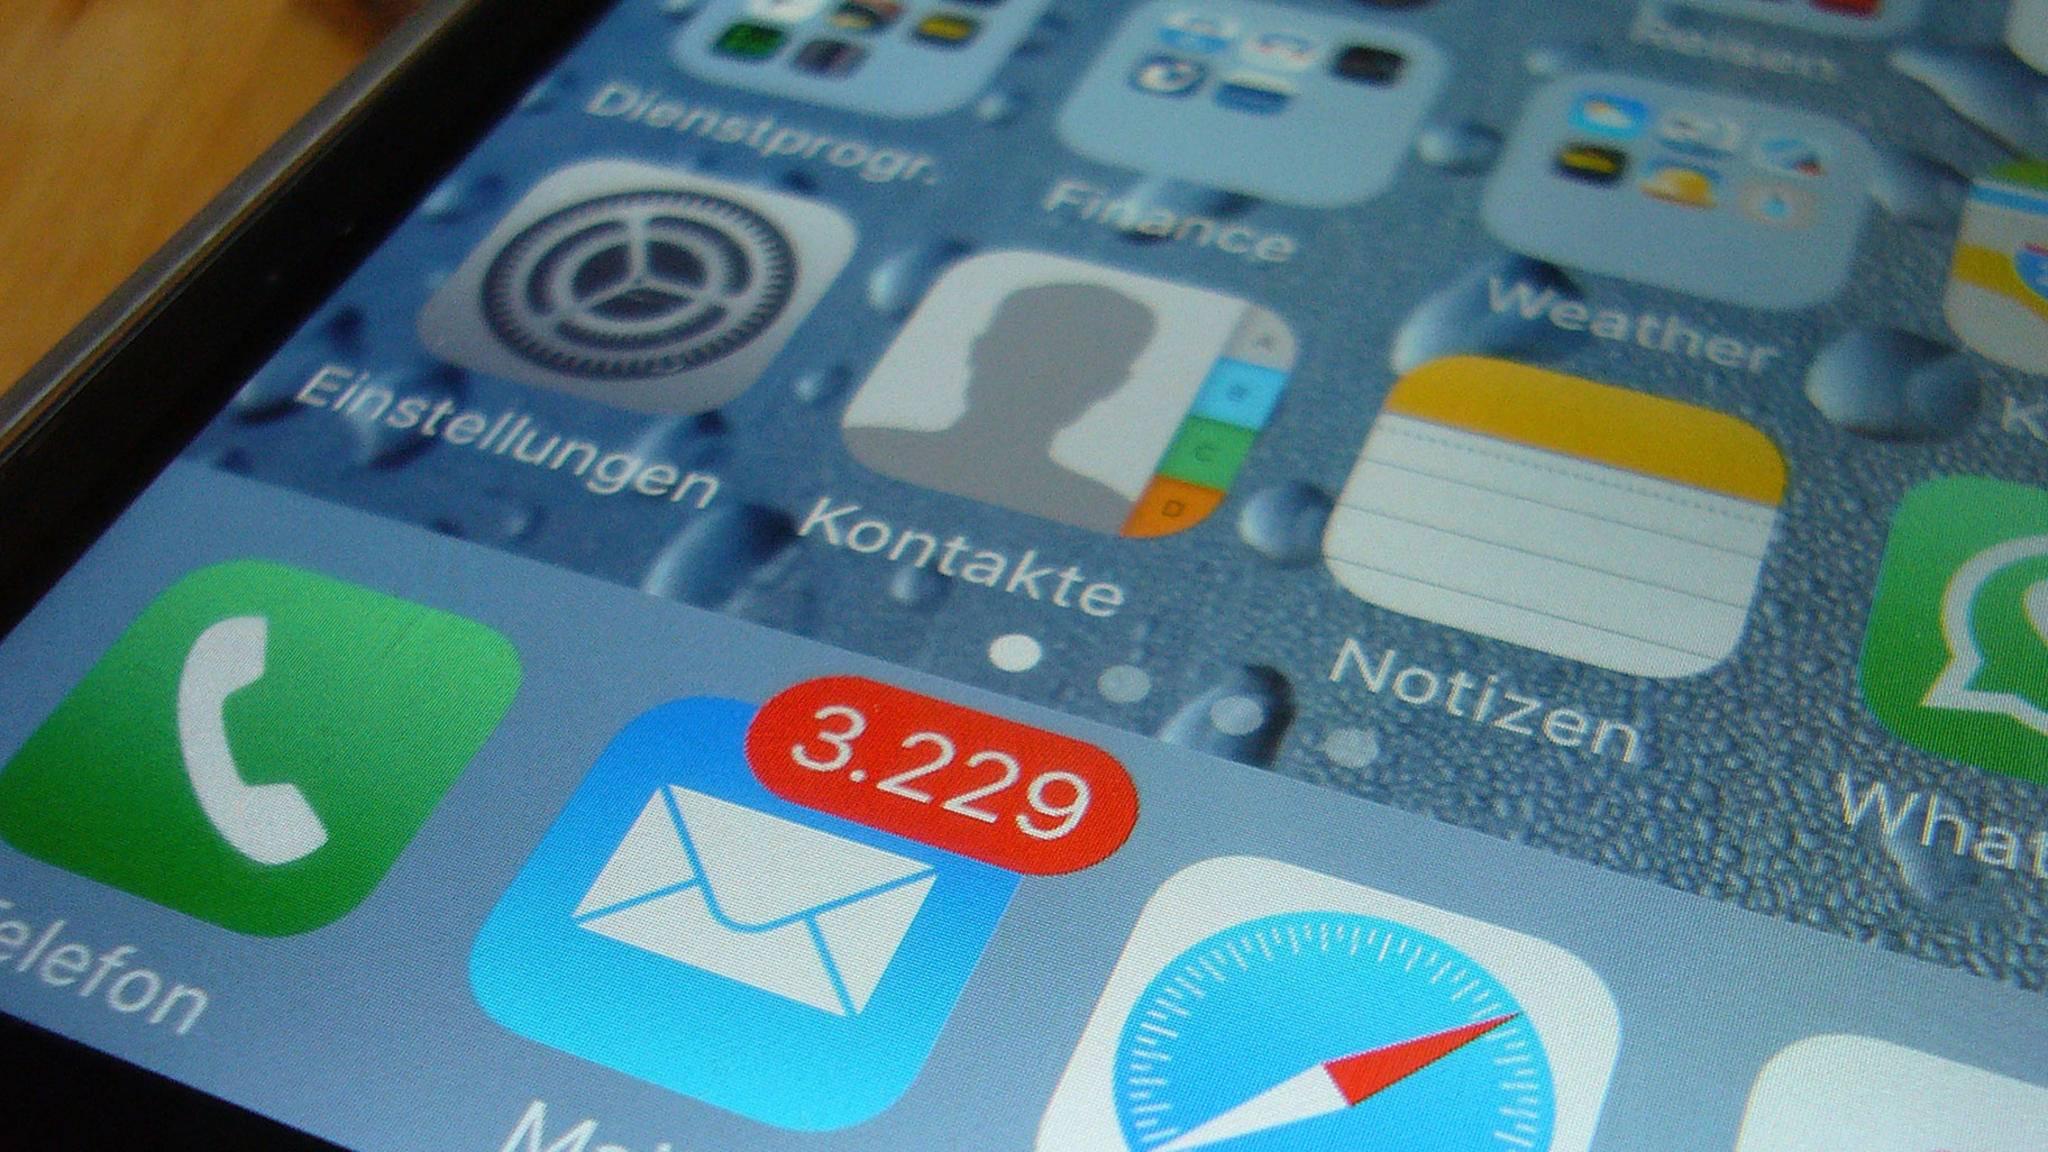 Iphone Daten Exportieren